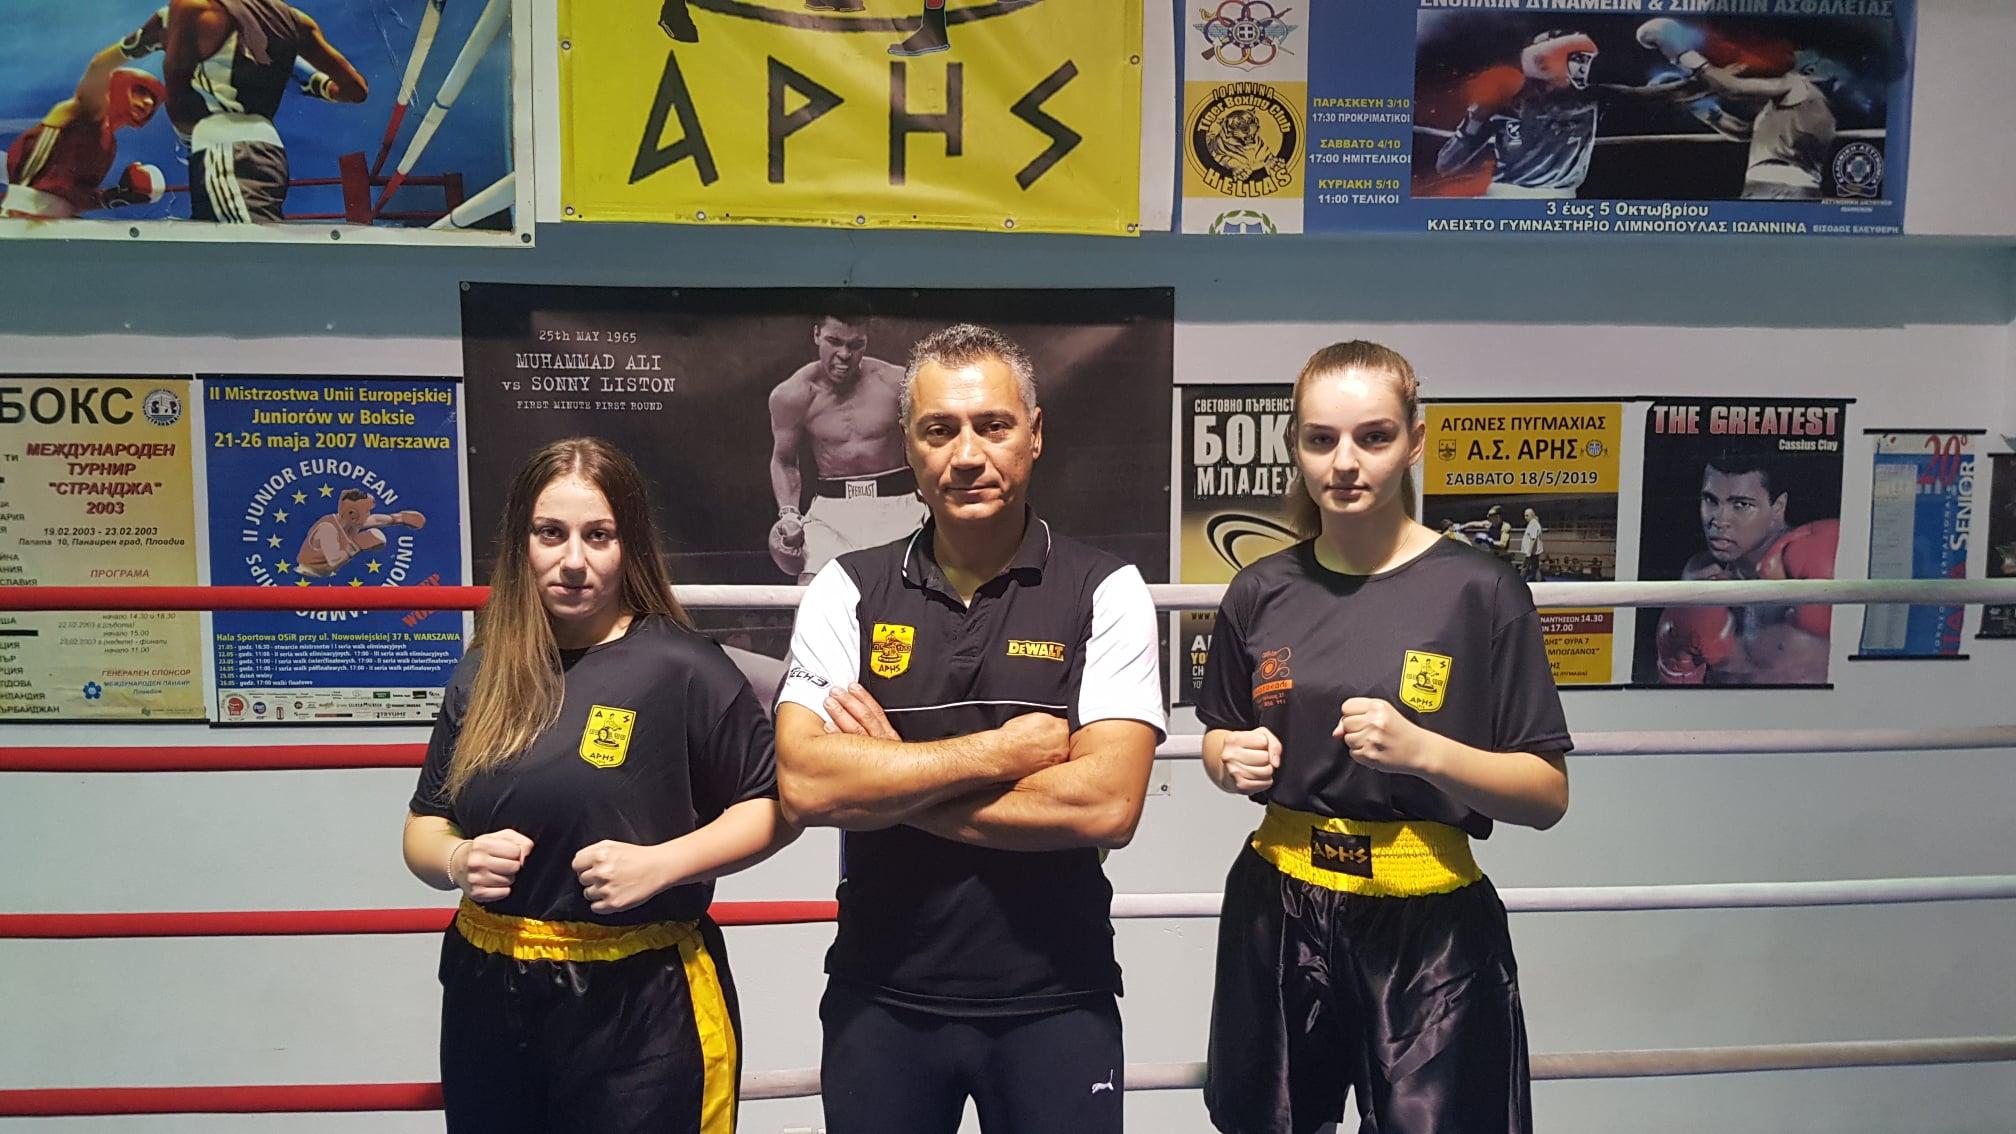 Πυγμαχία: Με διπλή εκπροσώπηση ο ΑΡΗΣ στο Πανελλήνιο Πρωτάθλημα U22